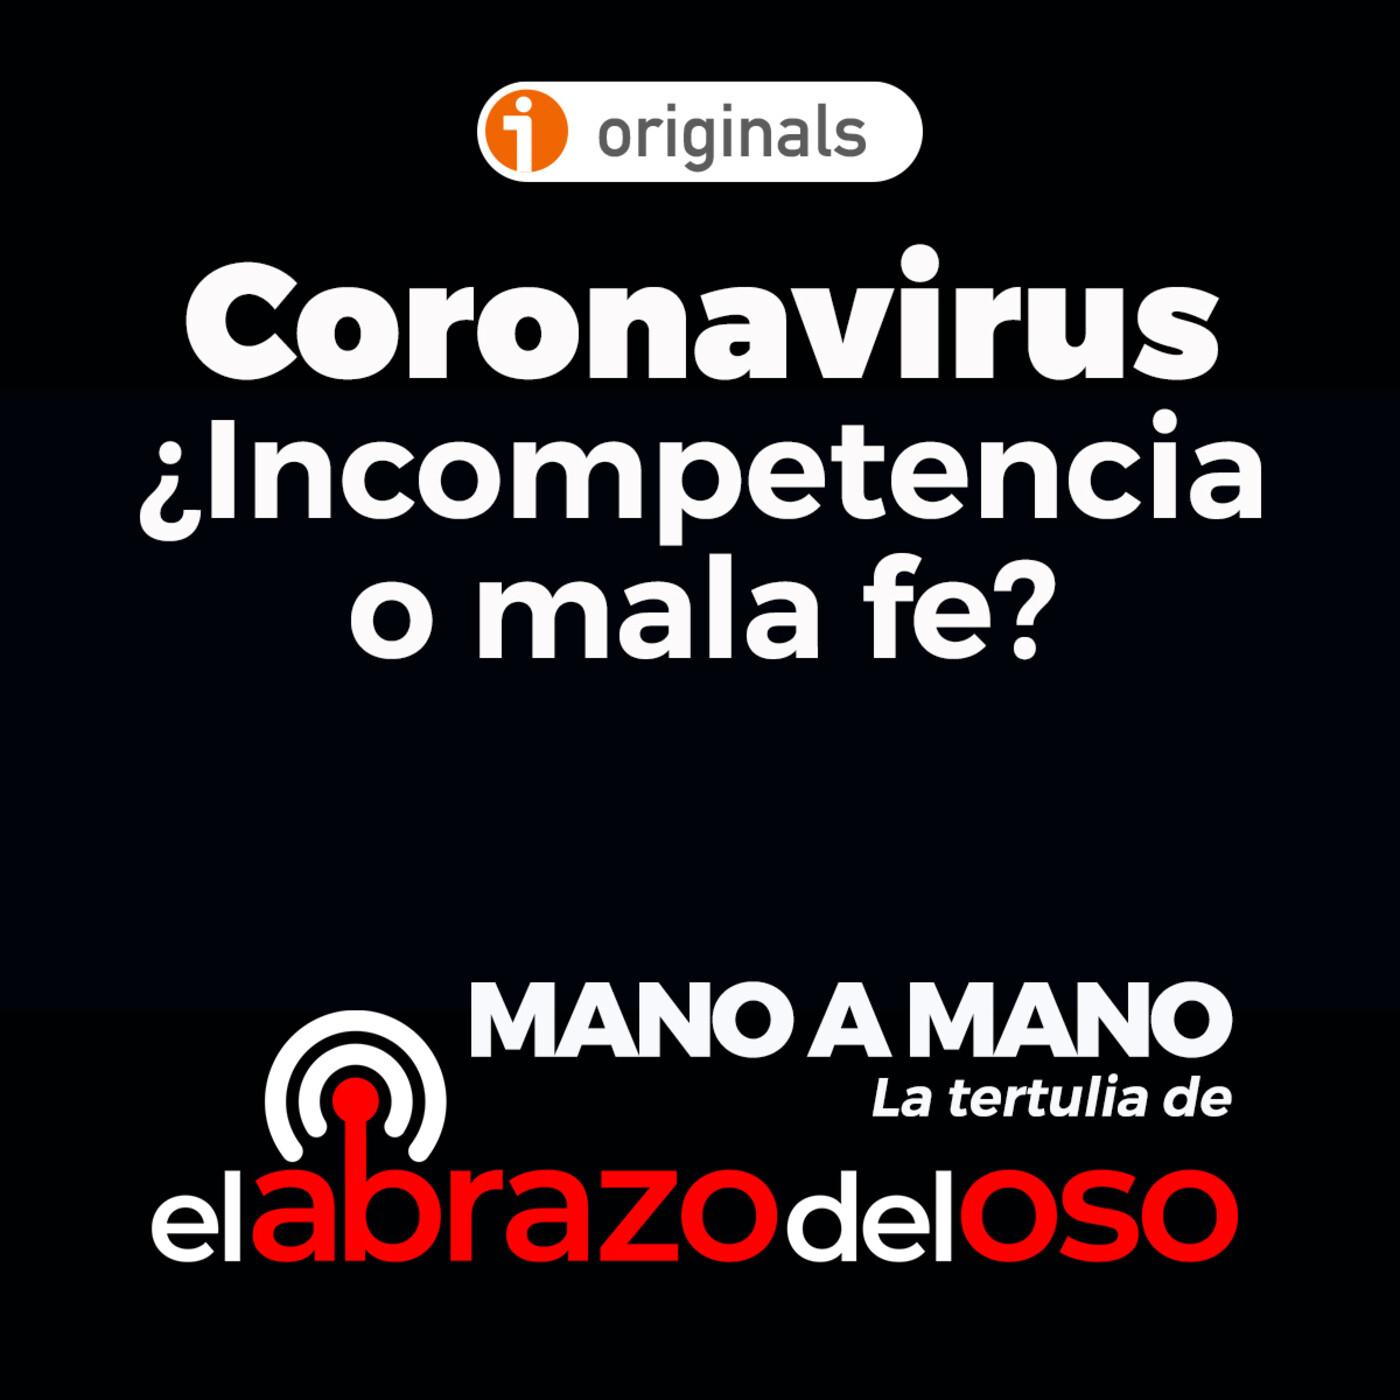 El Abrazo del Oso - Tertulia - Coronavirus ¿Incompetencia o mala fe?